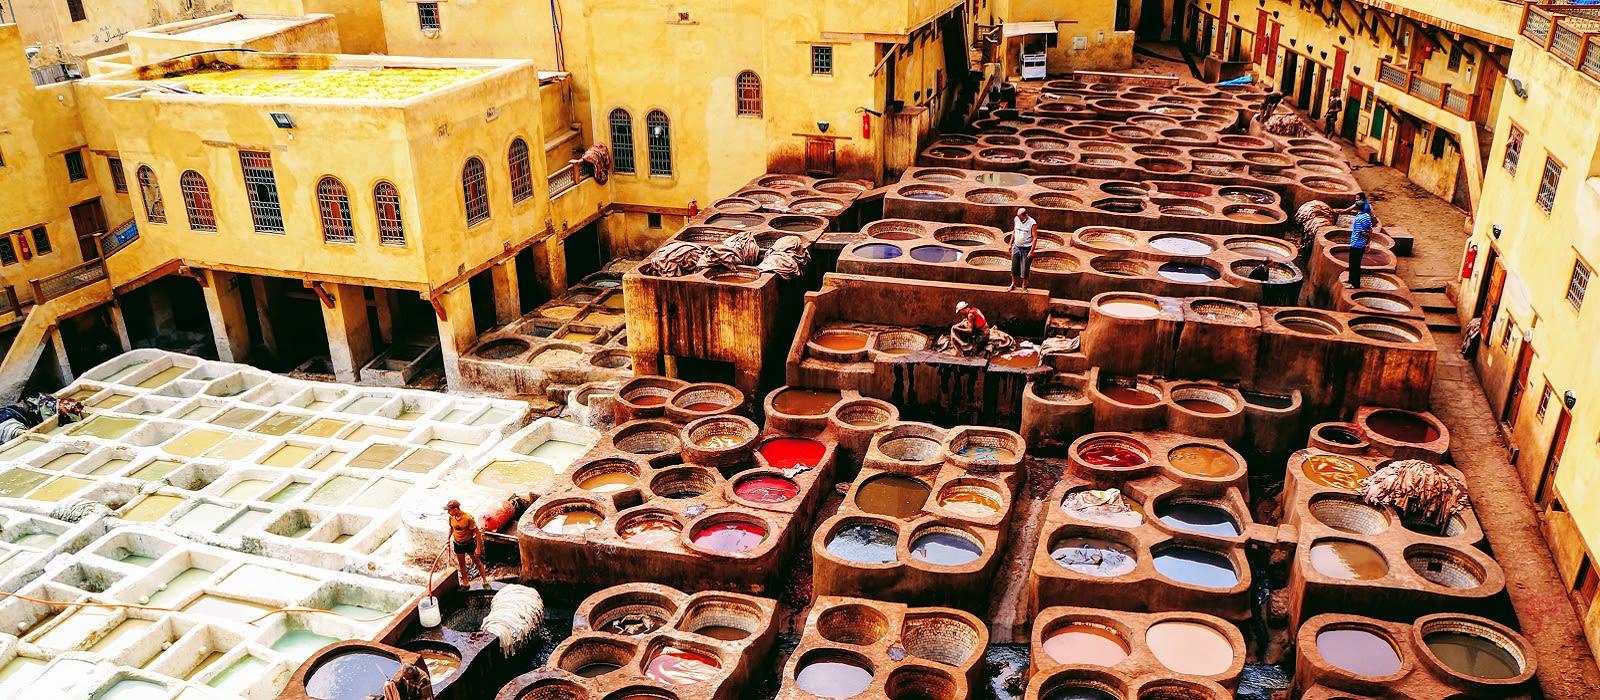 Marokko: Königliche Städte & Schätze des Südens Urlaub 7